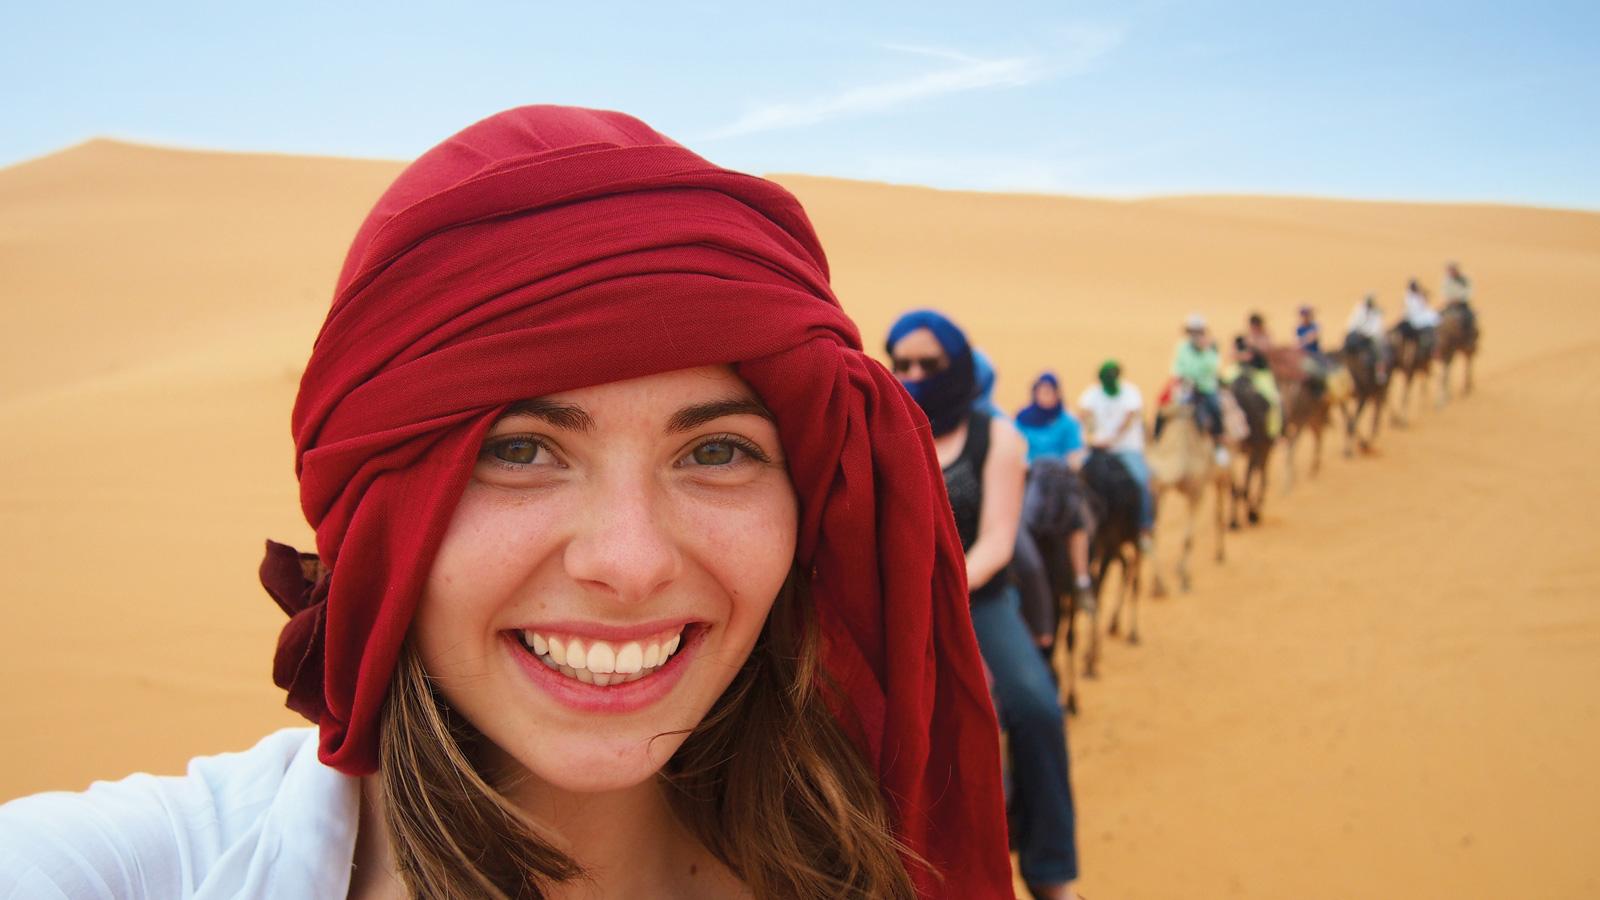 Marokko Abenteuerreise allumfassend Gruppenreise für junge Leute traveljunkies